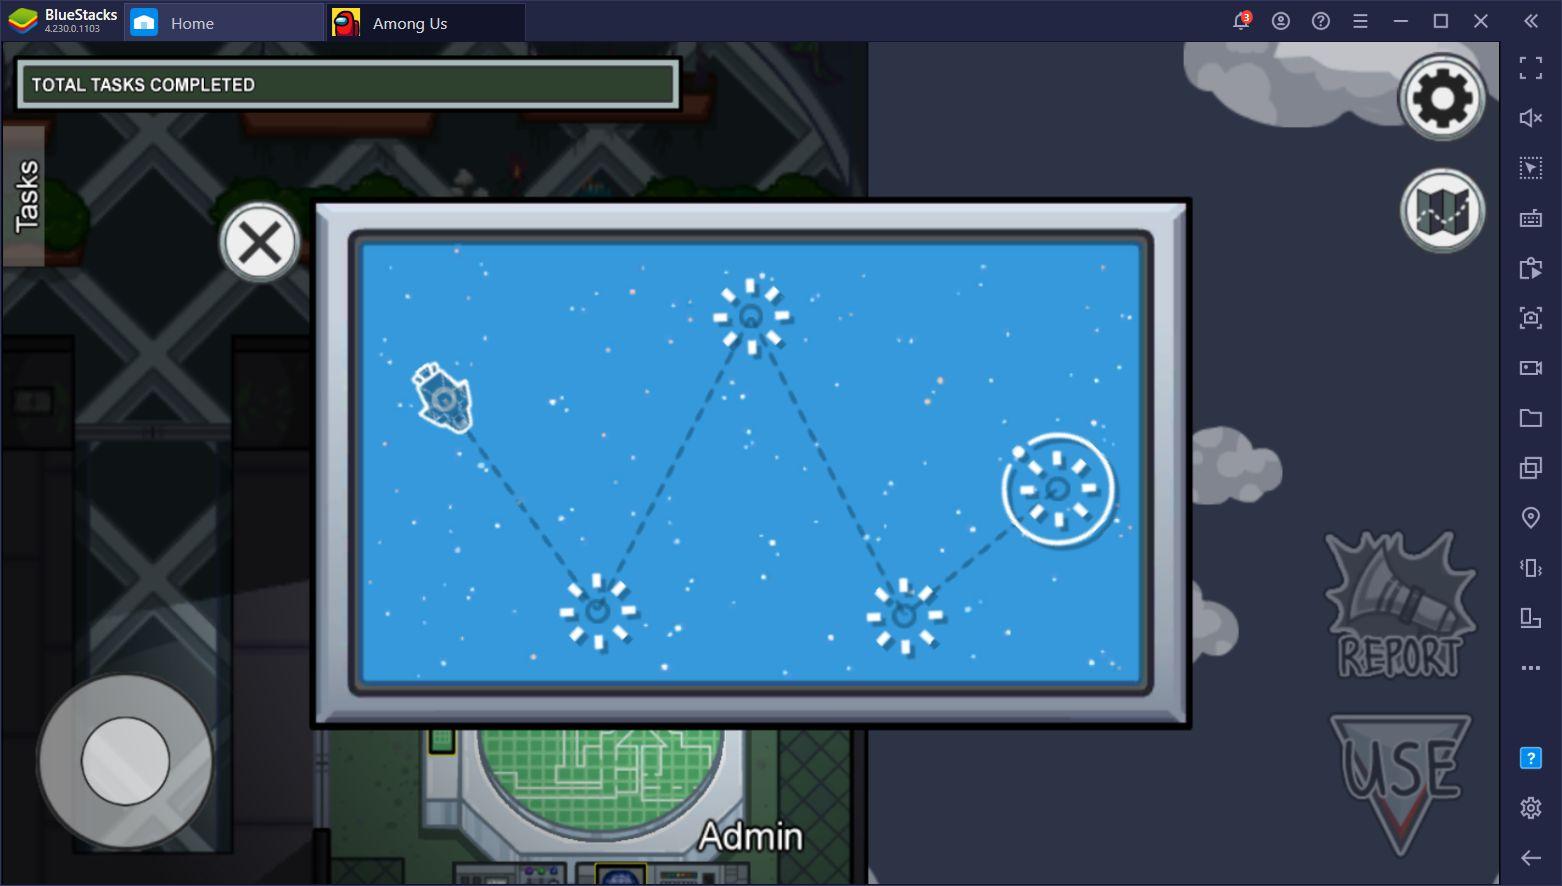 Among Us – Mira HQ-Aufgaben: So erledigst du jede Aufgabe auf der Map